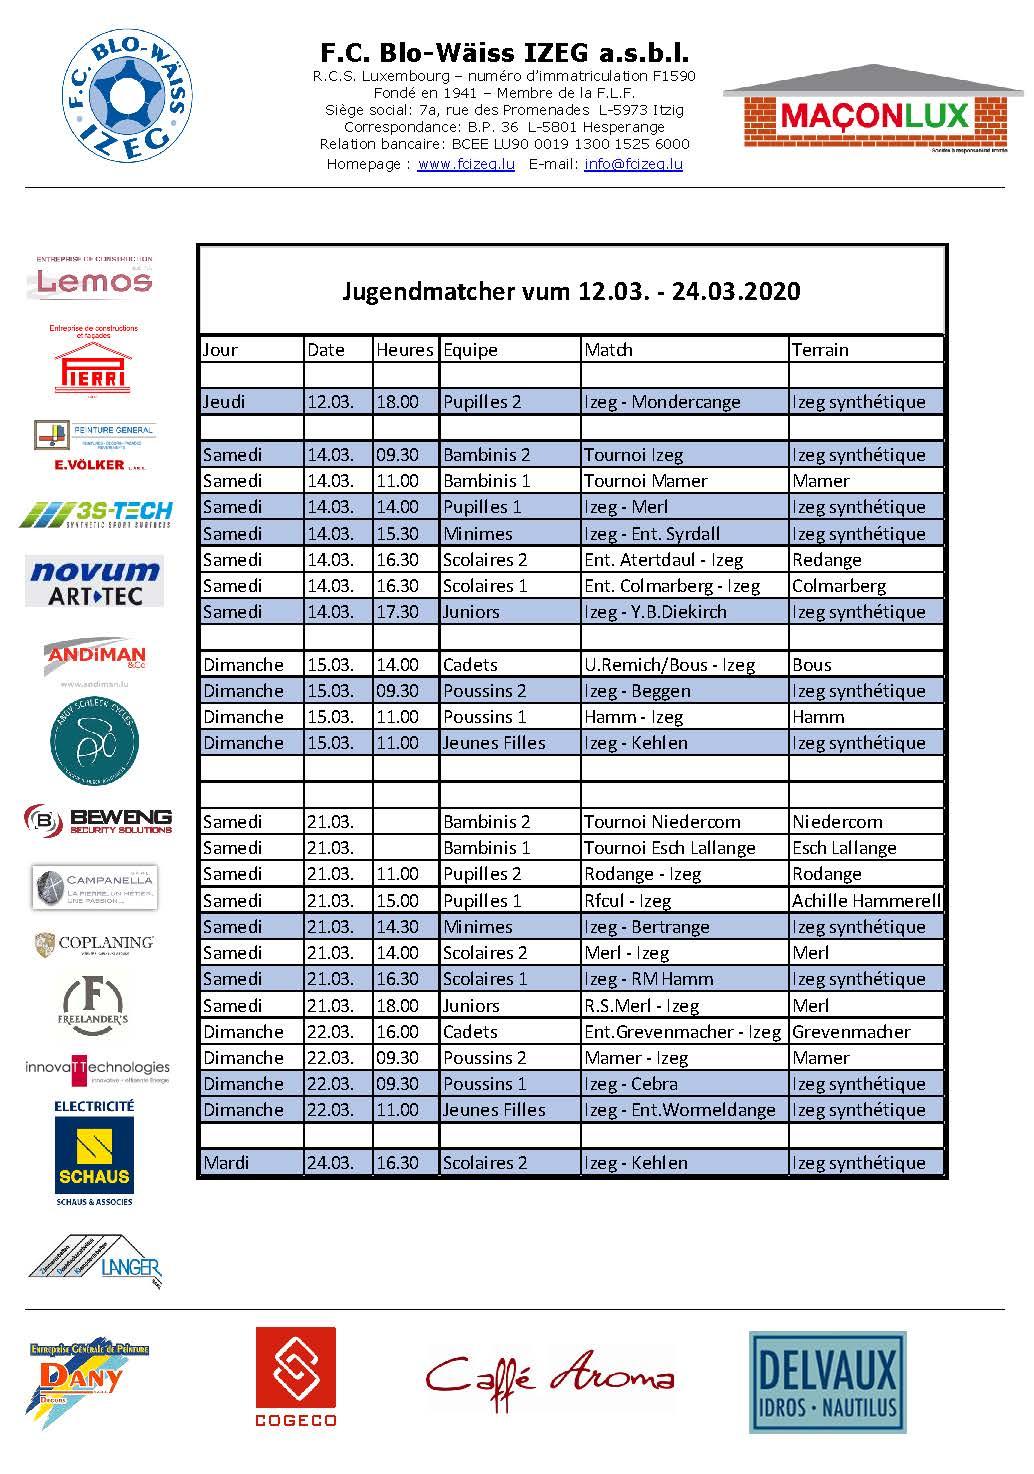 Jugendmatcher vum 12. bis 24. Mäerz